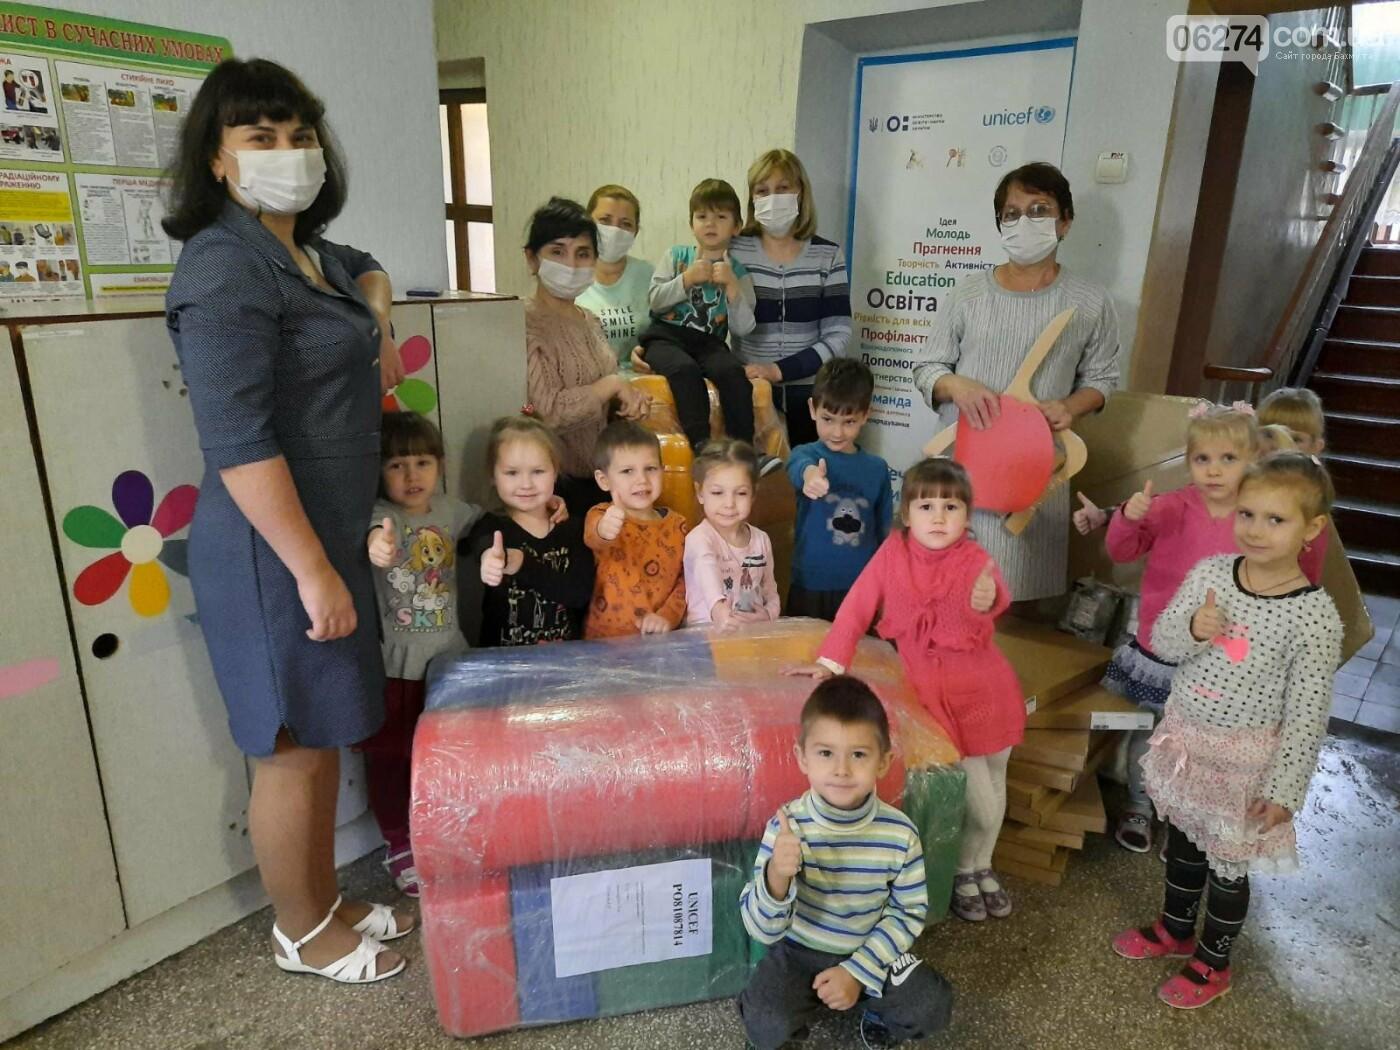 Детские сады Бахмутской ОТГ получили мебель и оборудование от ЮНИСЕФ, фото-1